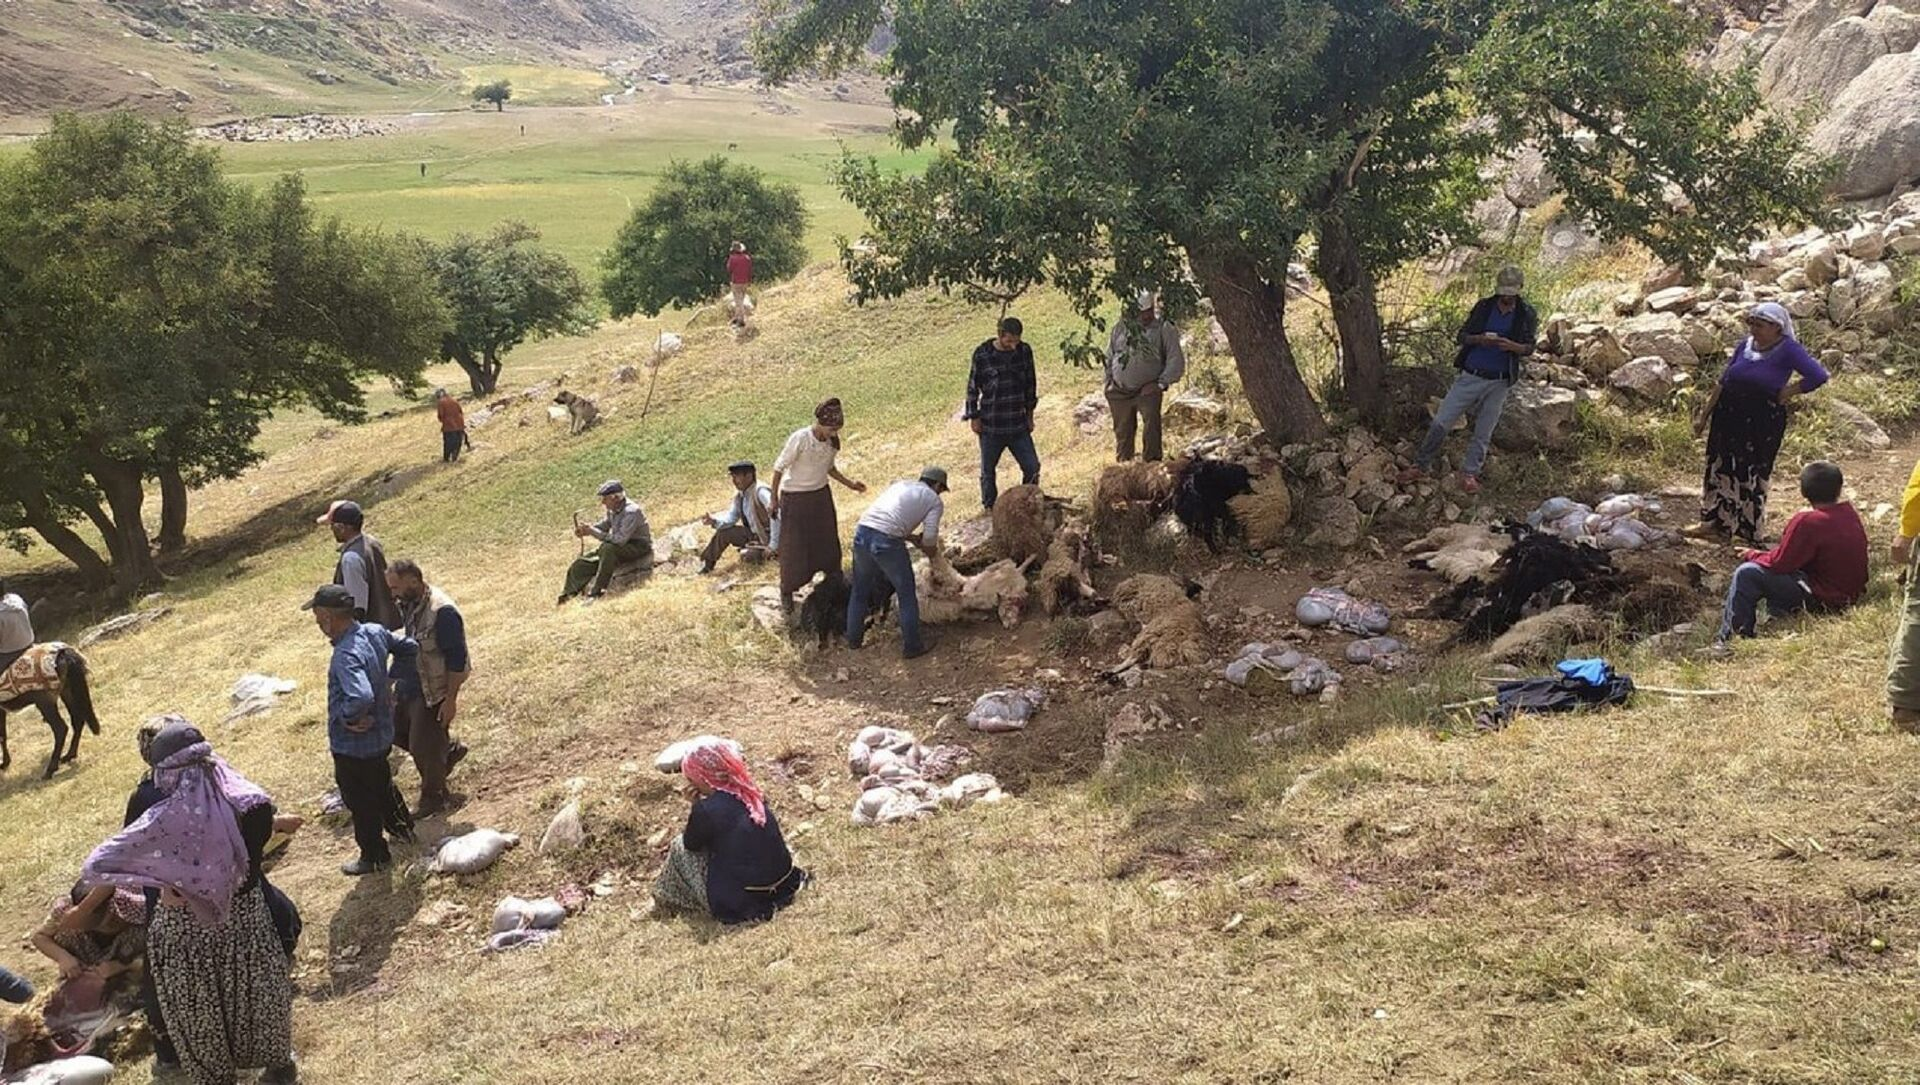 Hakkari'nin Yüksekova ilçesinde etkili olan sağanak sırasında ağaç altında olan 30 koyun telef oldu, 30'a yakın kuzu da yaralandı. - Sputnik Türkiye, 1920, 07.08.2021